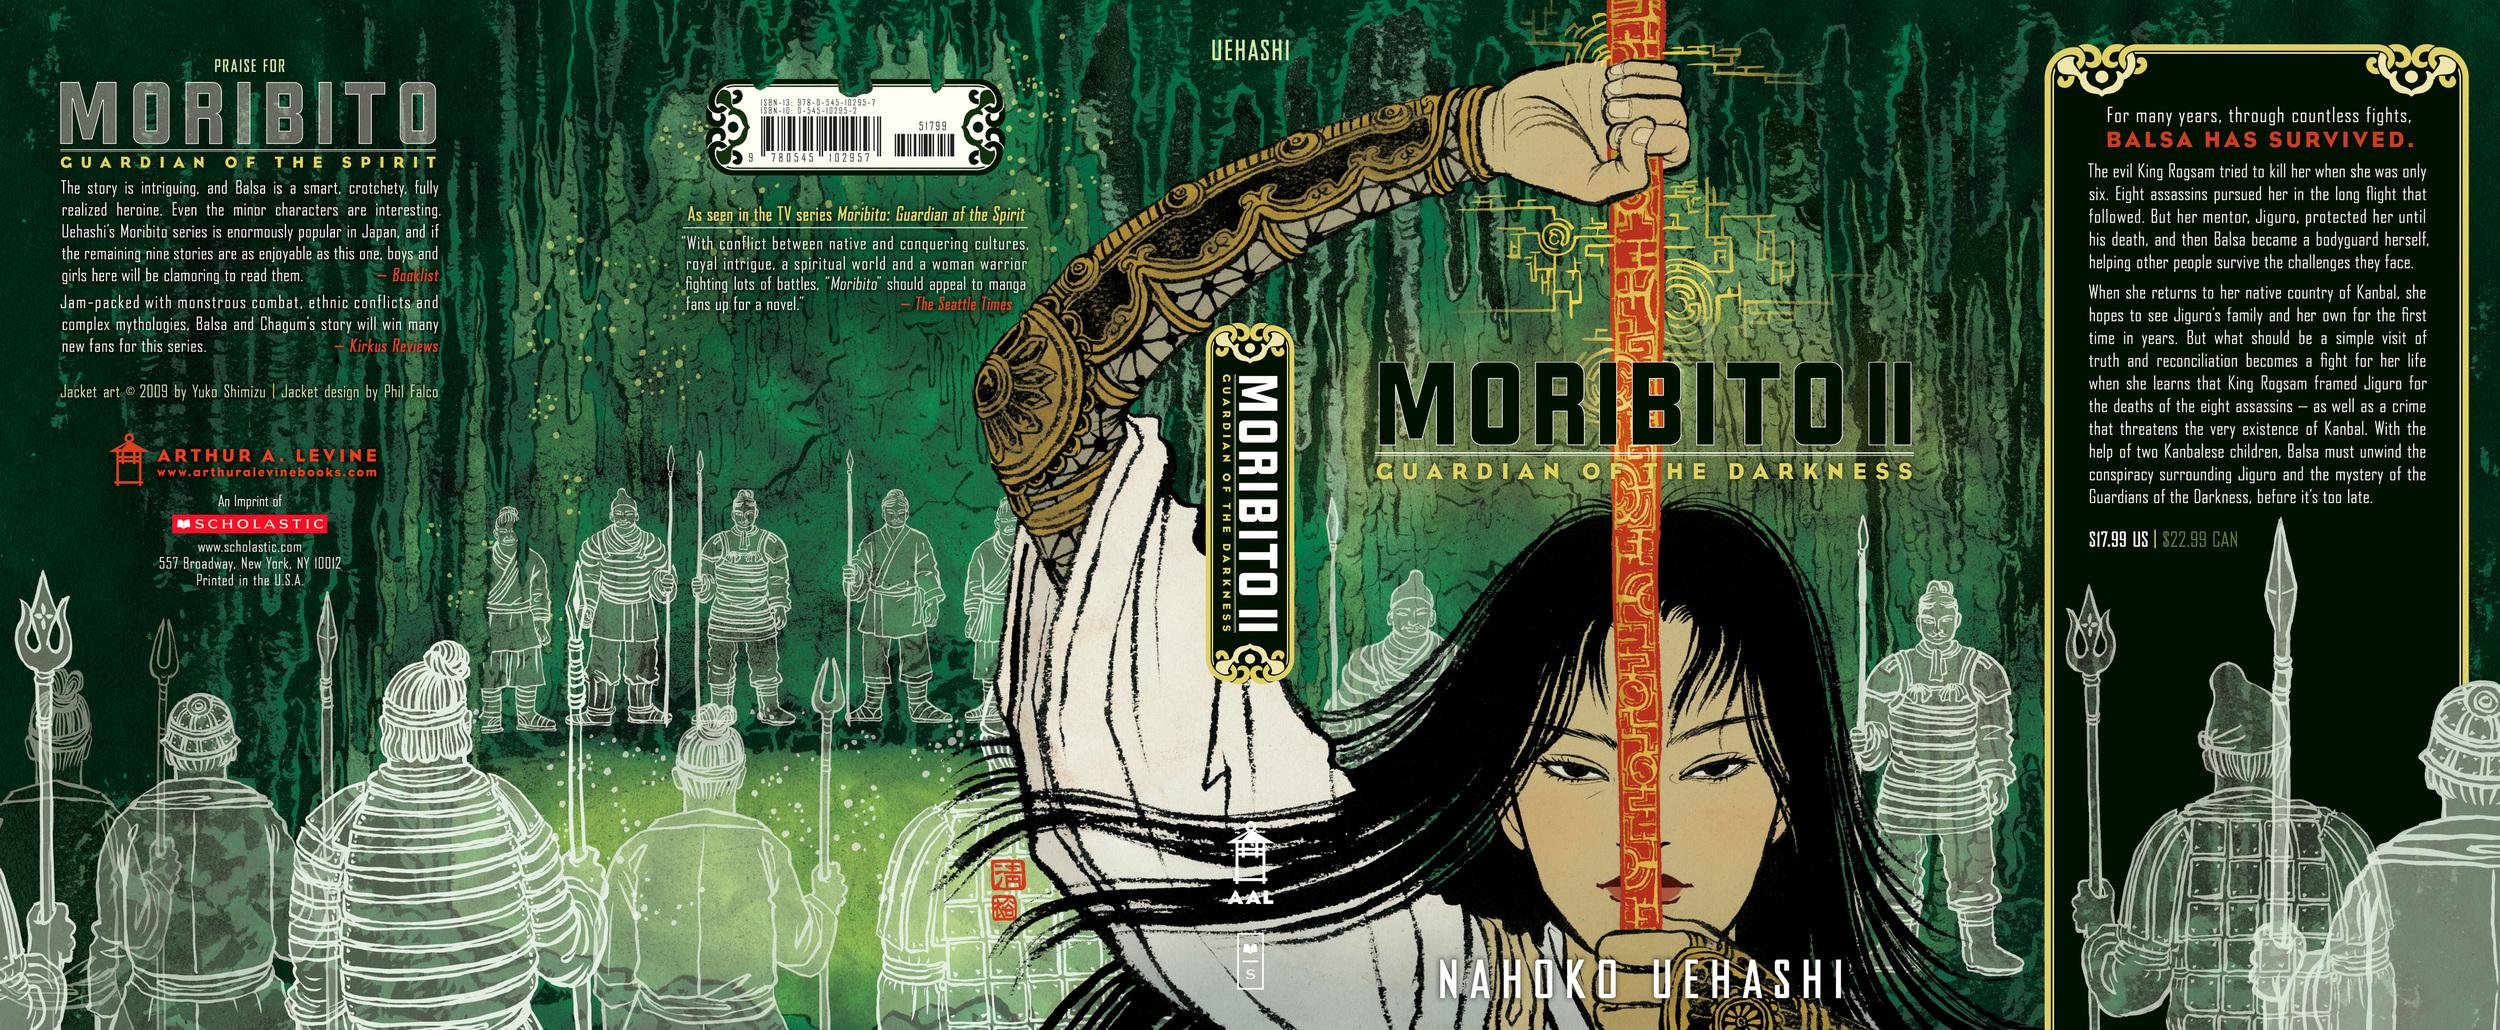 HC Moribito 2 - JACKET.jpg